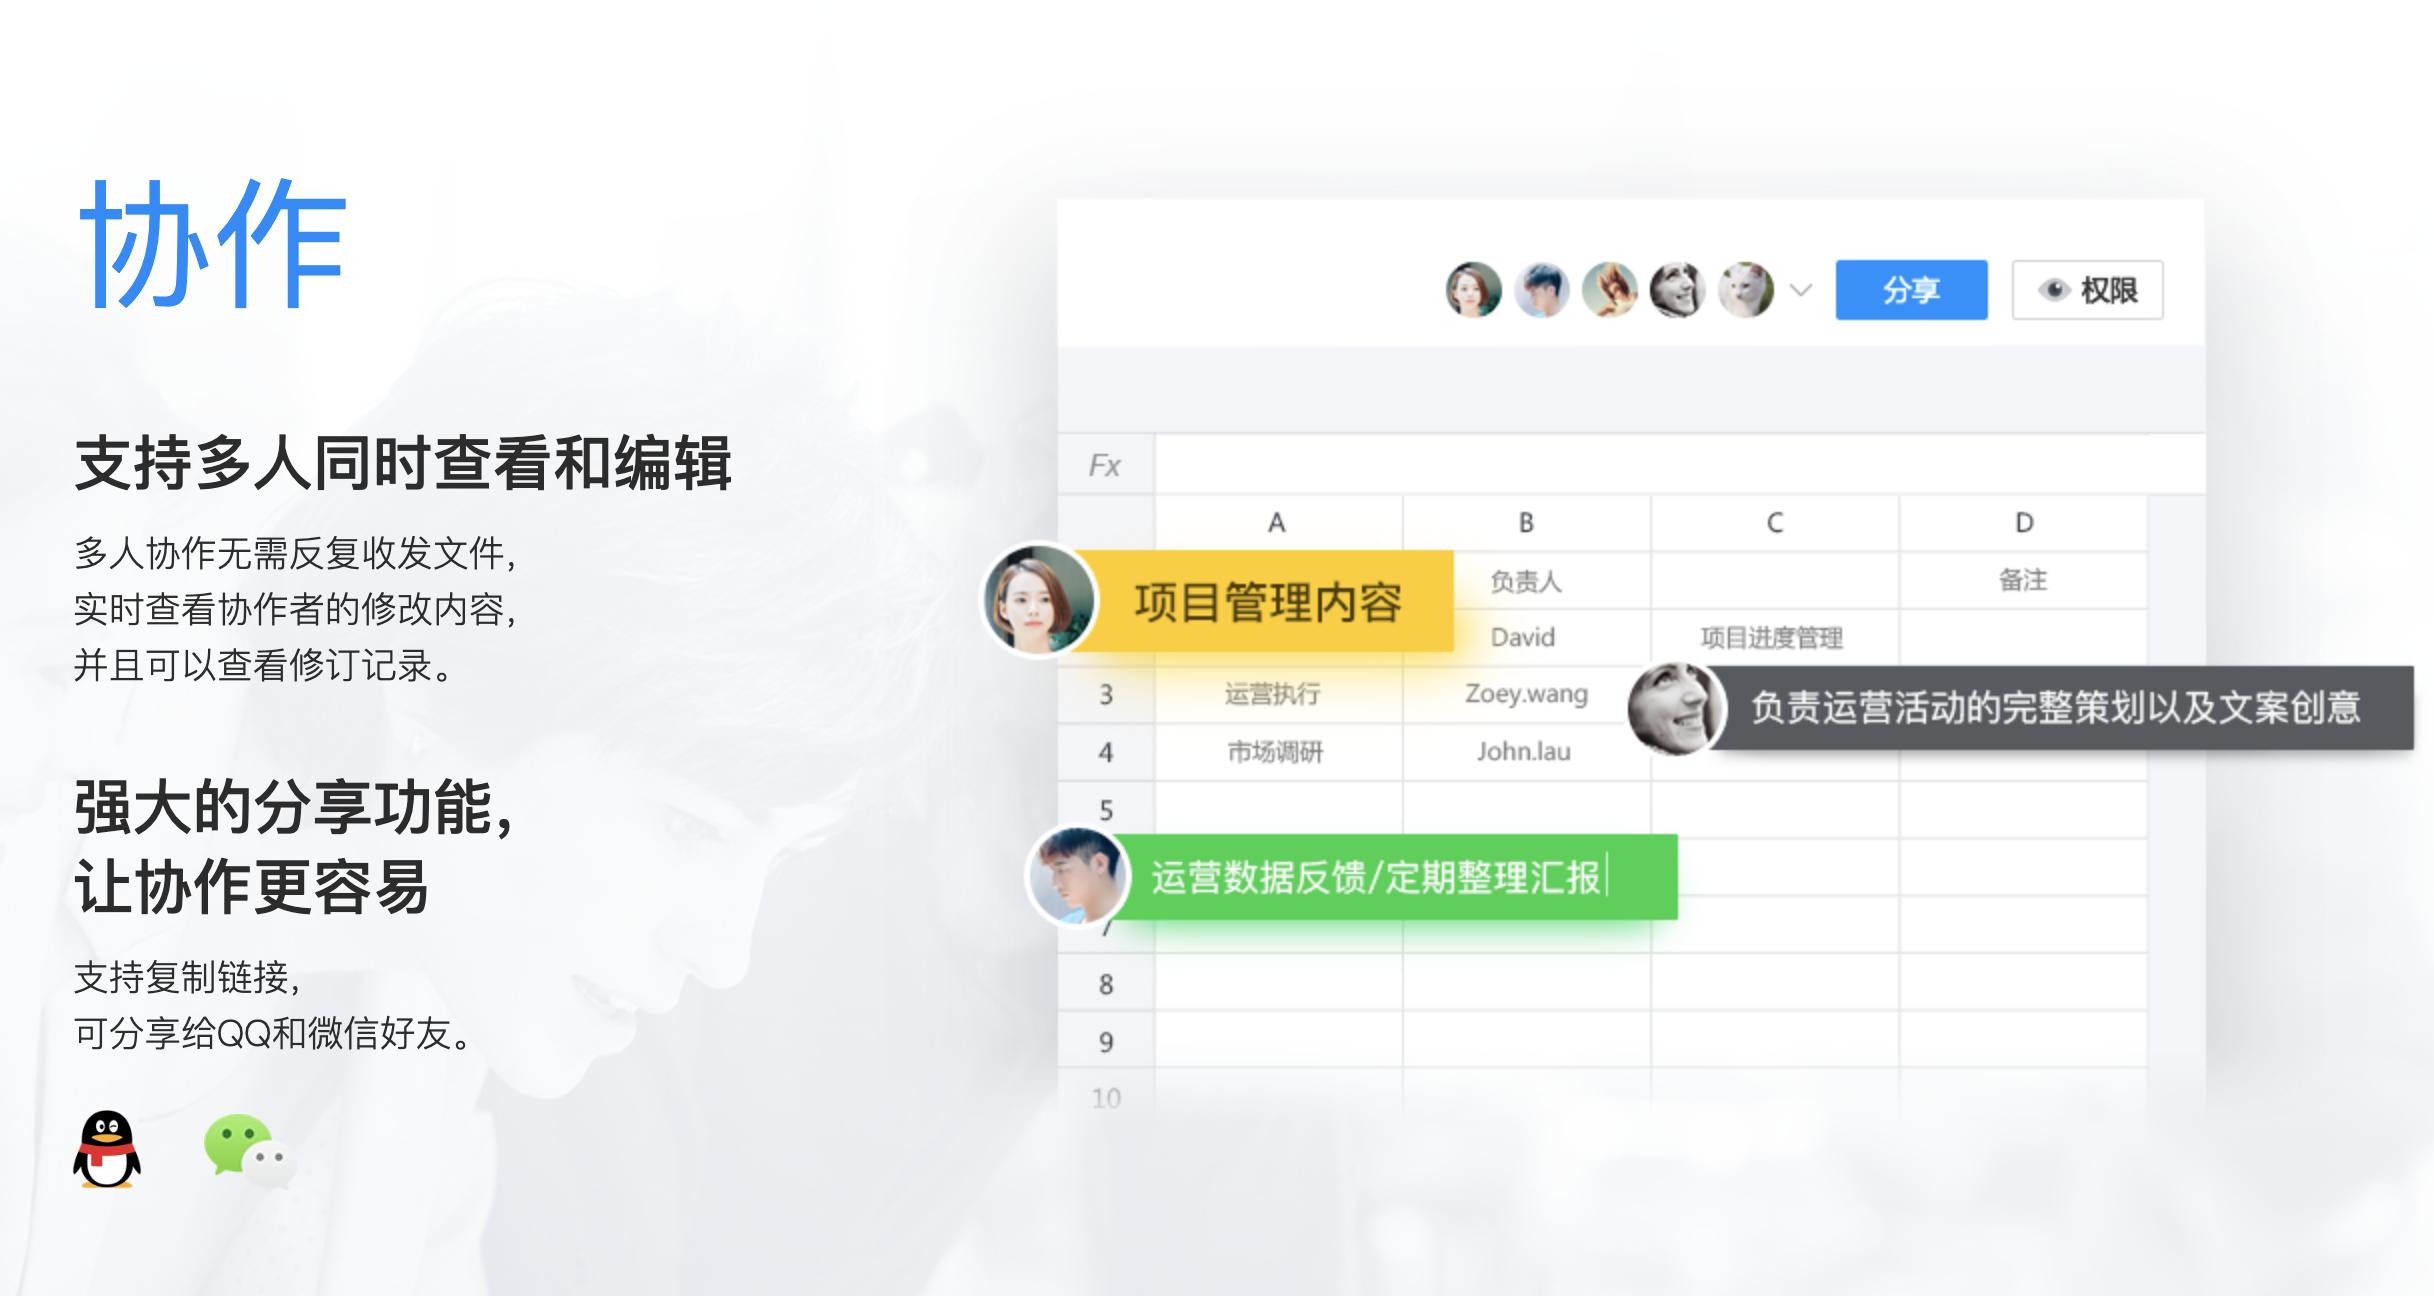 宅出新花招-云办公软件横评免费试用,评测